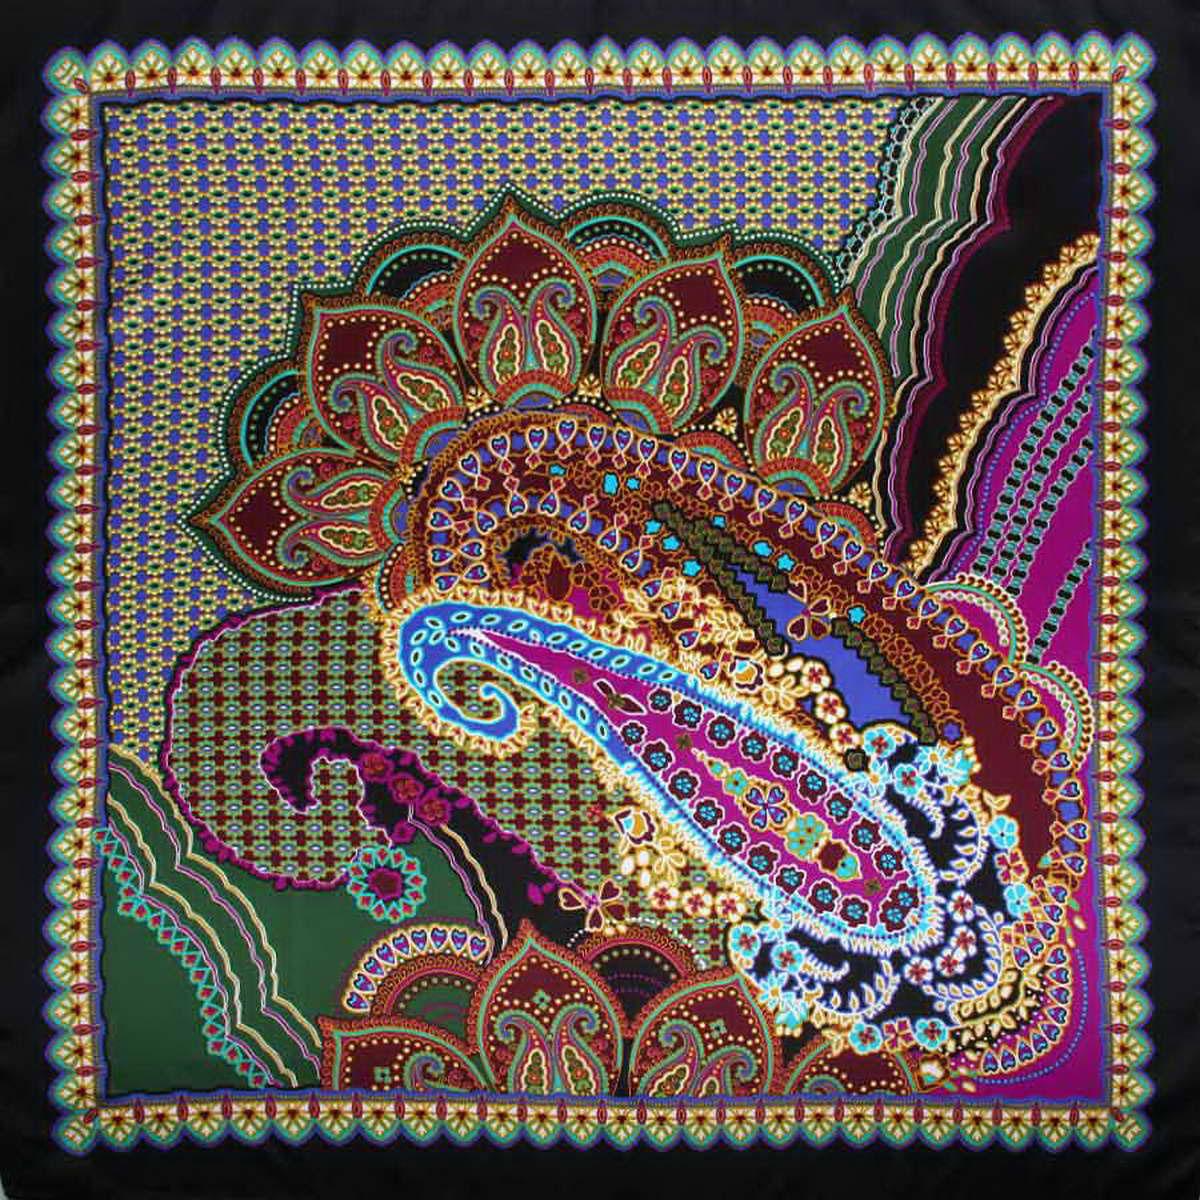 Платок3906833-02Стильный женский платок Venera станет великолепным завершением любого наряда. Платок, изготовленный из полиэстера, оформлен оригинальным принтом. Классическая квадратная форма позволяет носить платок на шее, украшать им прическу или декорировать сумочку. Легкий и приятный на ощупь платок поможет вам создать изысканный женственный образ. Такой платок превосходно дополнит любой наряд и подчеркнет ваш неповторимый вкус и элегантность.